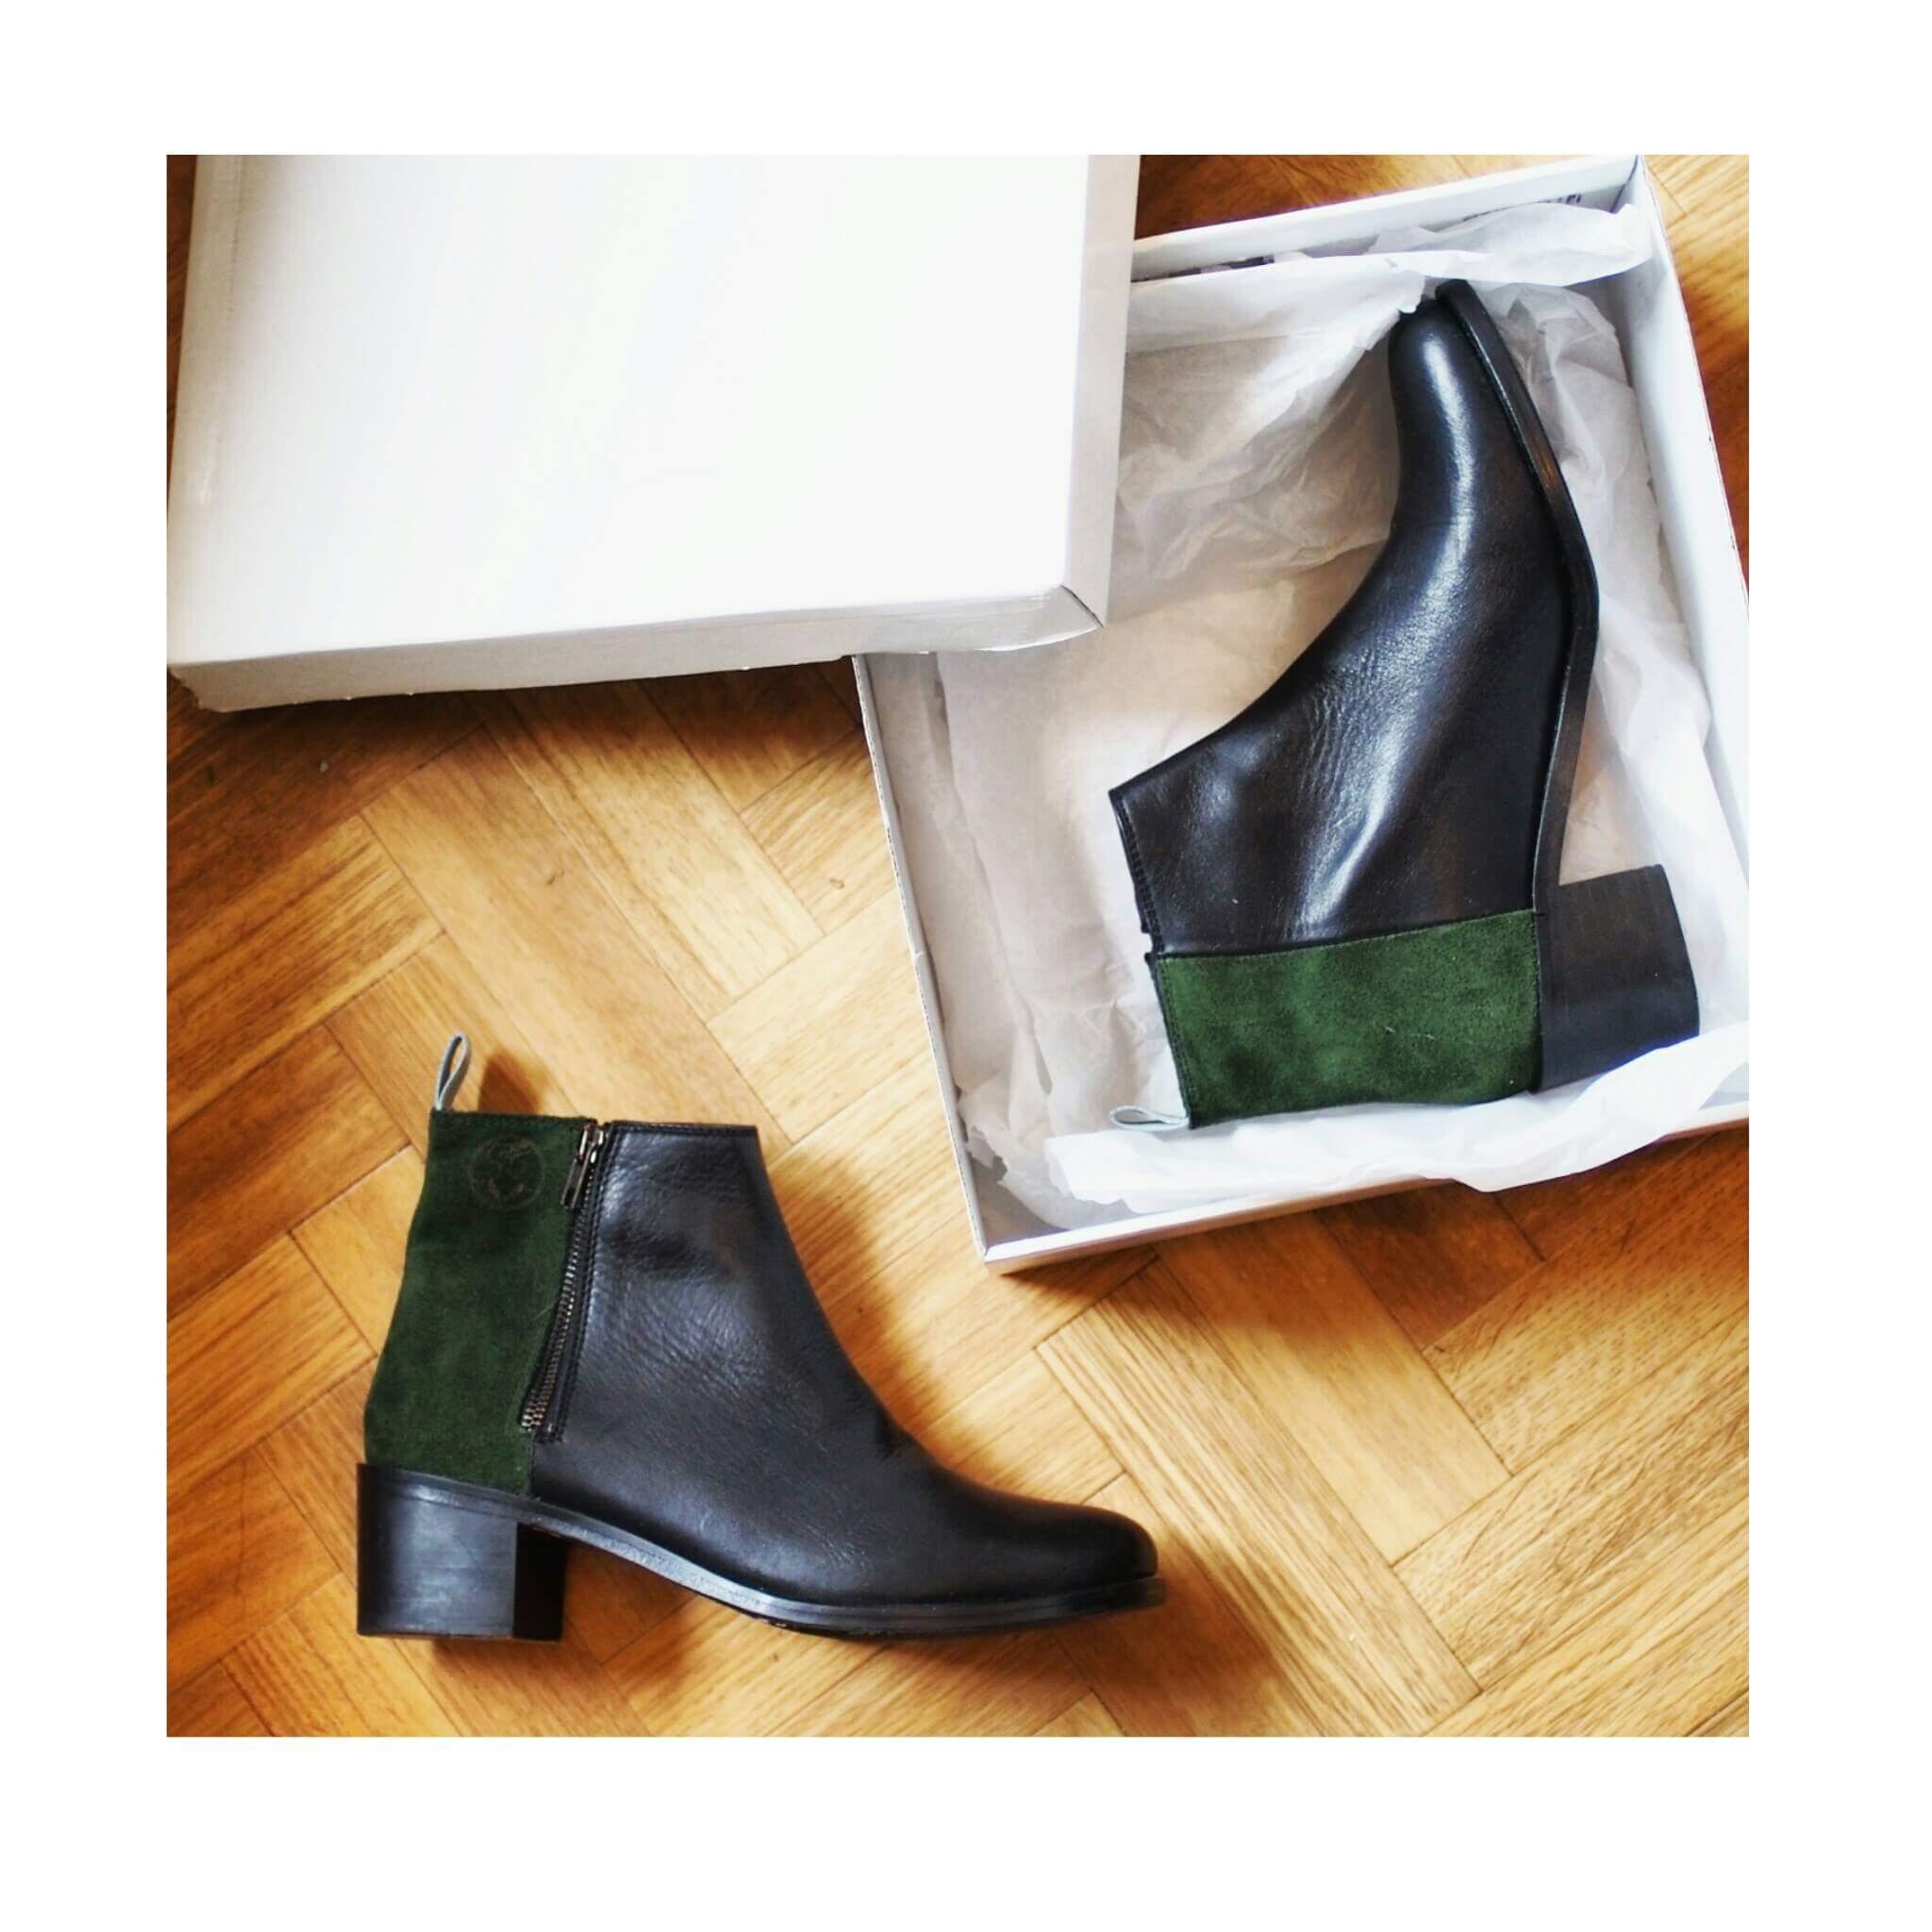 les souliers d'iris bottines noires et velours vert